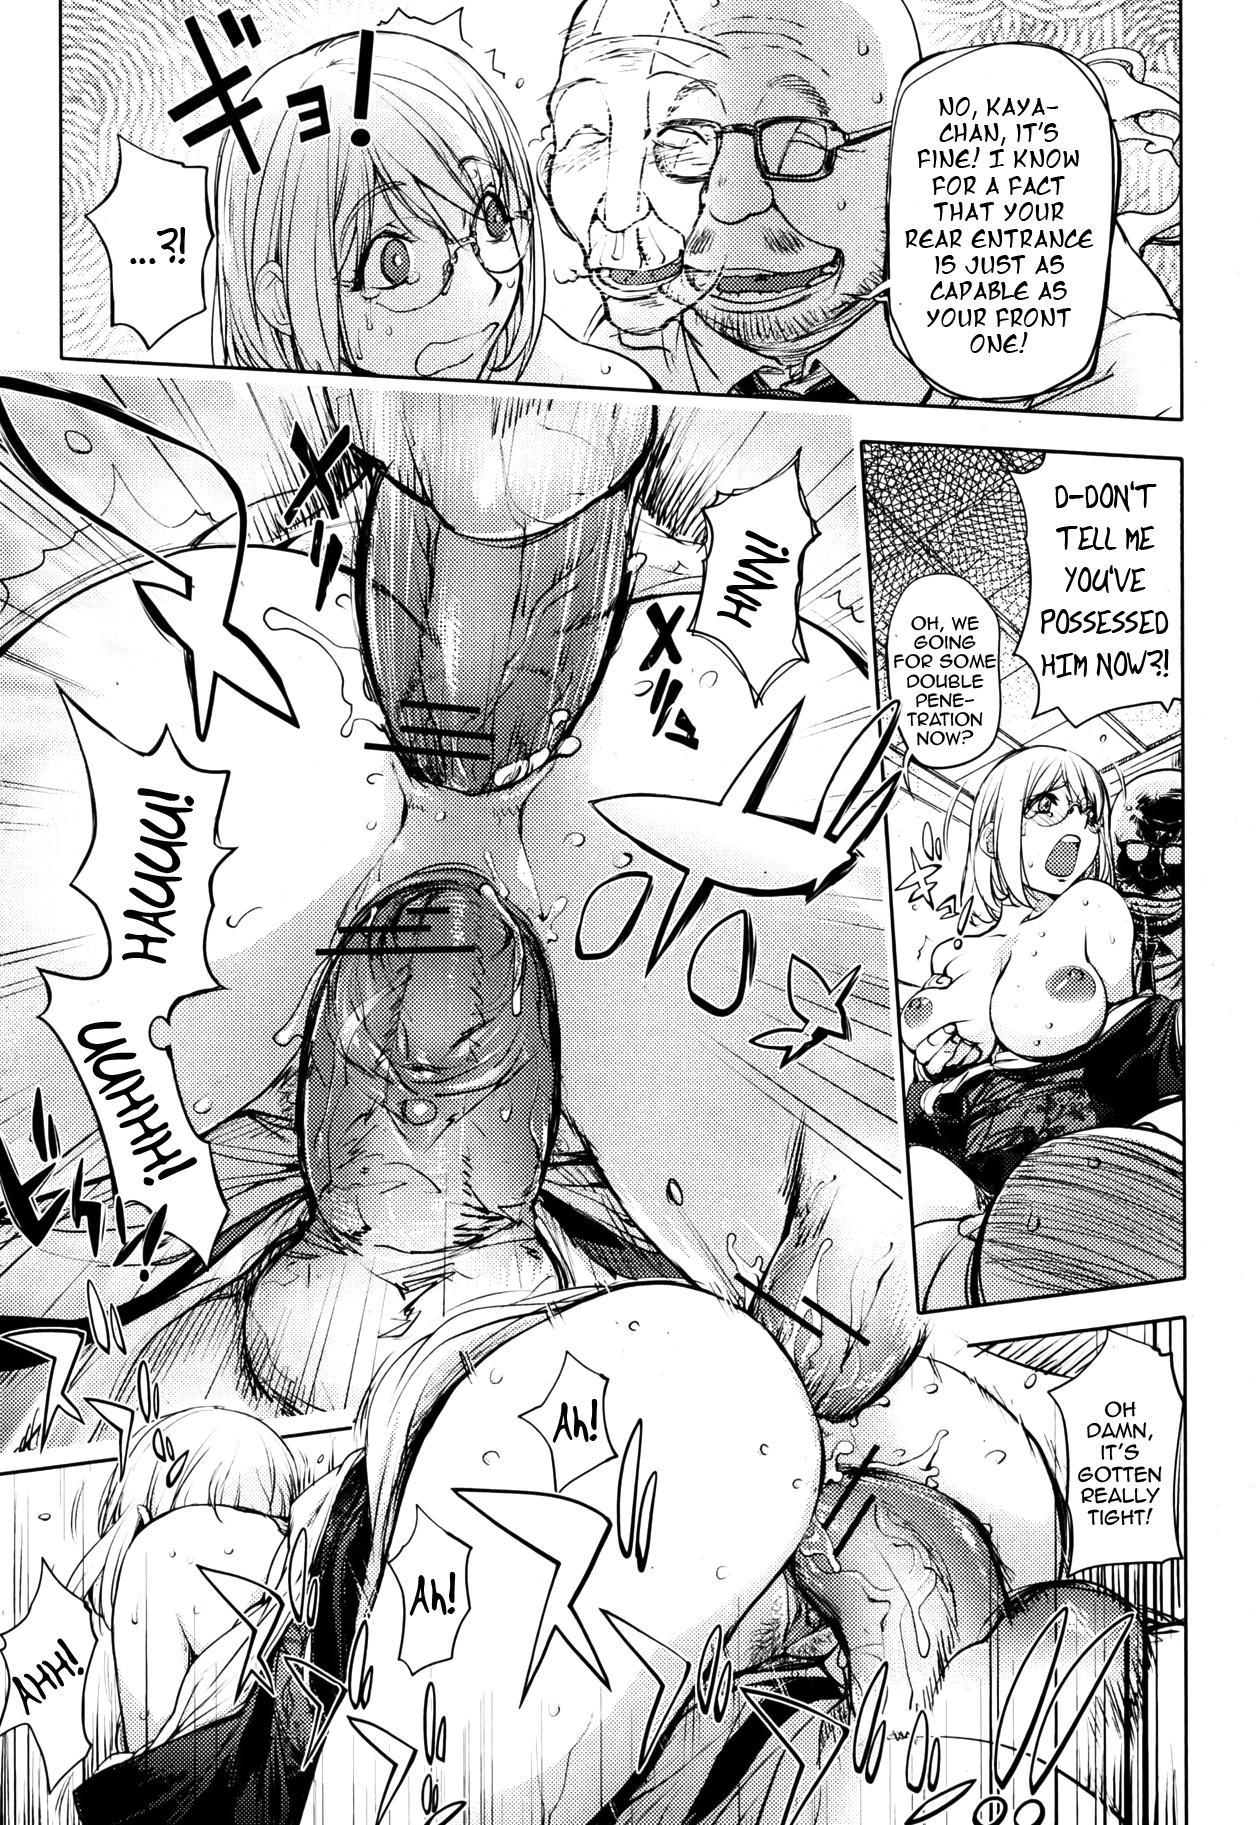 [Kon-kit] Mofuku no Kaya-nee | Kaya-Nee in her Mourning Dress (Bishoujo Kakumei KIWAME Road 2013-06 Vol. 7) [English] [QBtranslations] 16